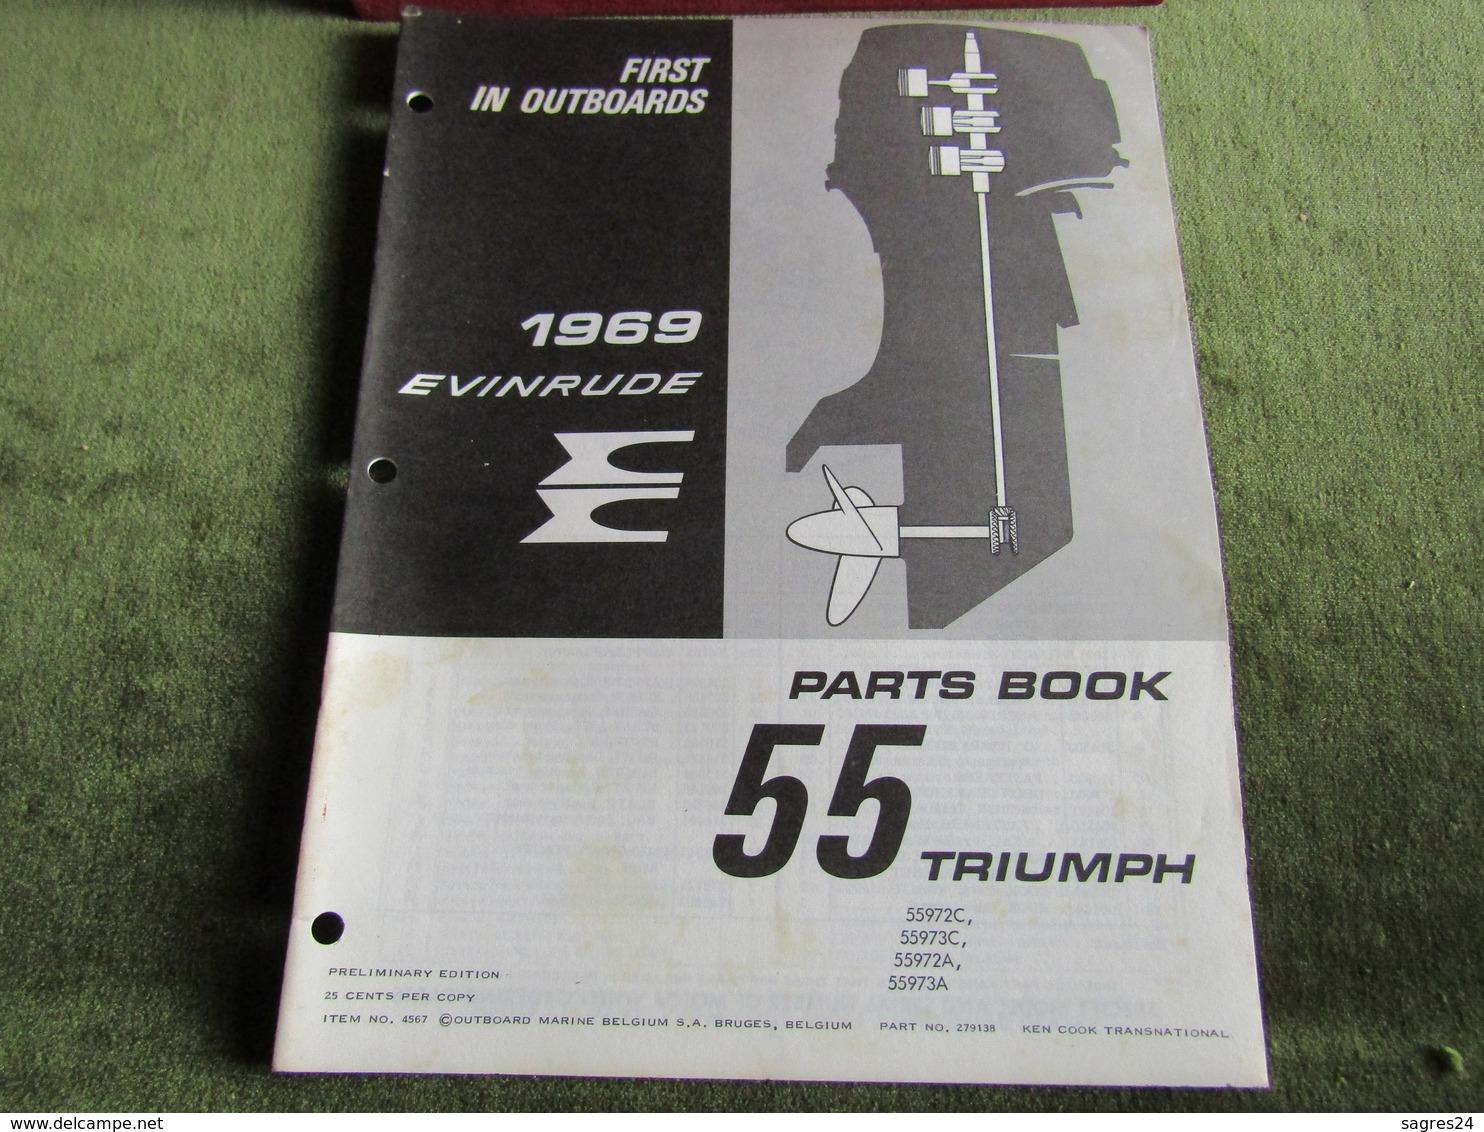 Evinrude Outboard 55 Triumph Parts Book 1969 - Boats